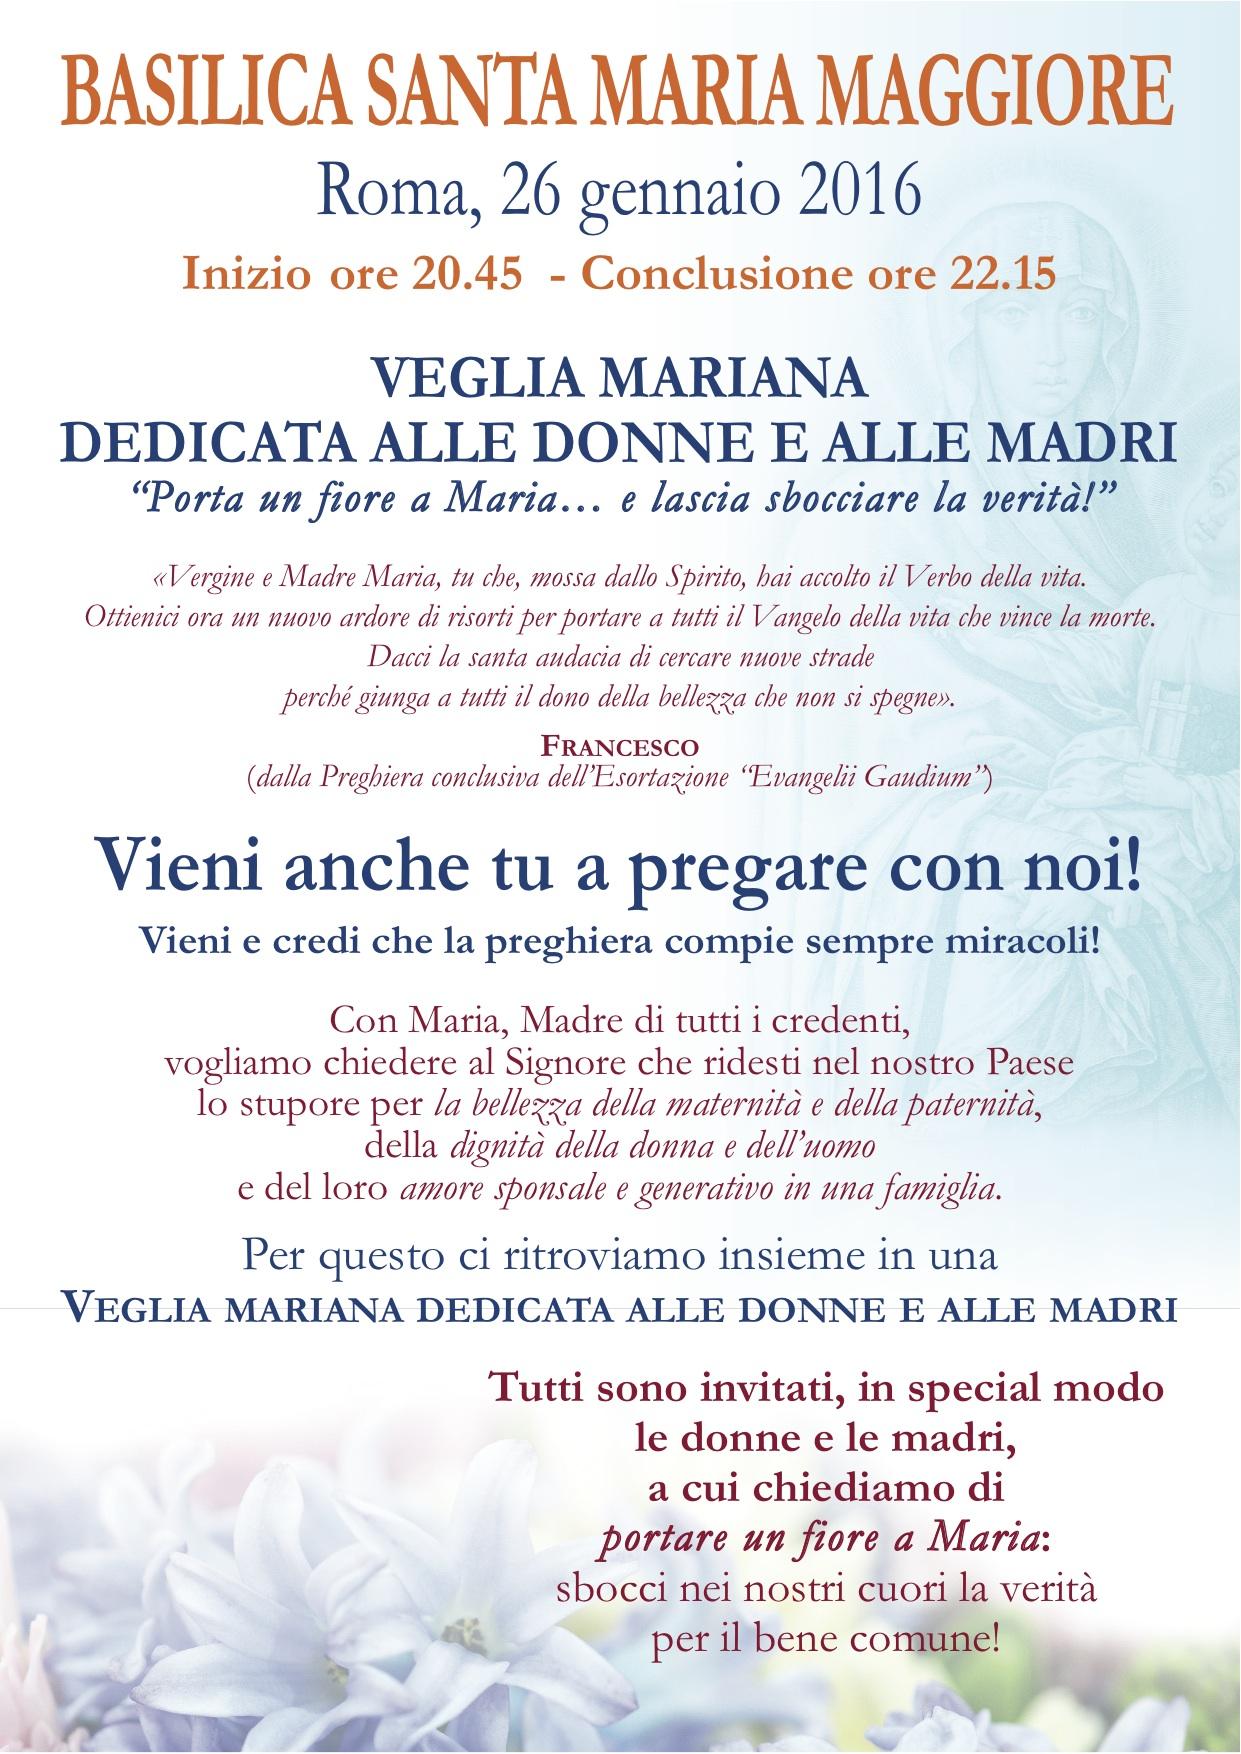 Locandina Veglia di Preghiera S. Maria Maggiore 26 gennaio 2016